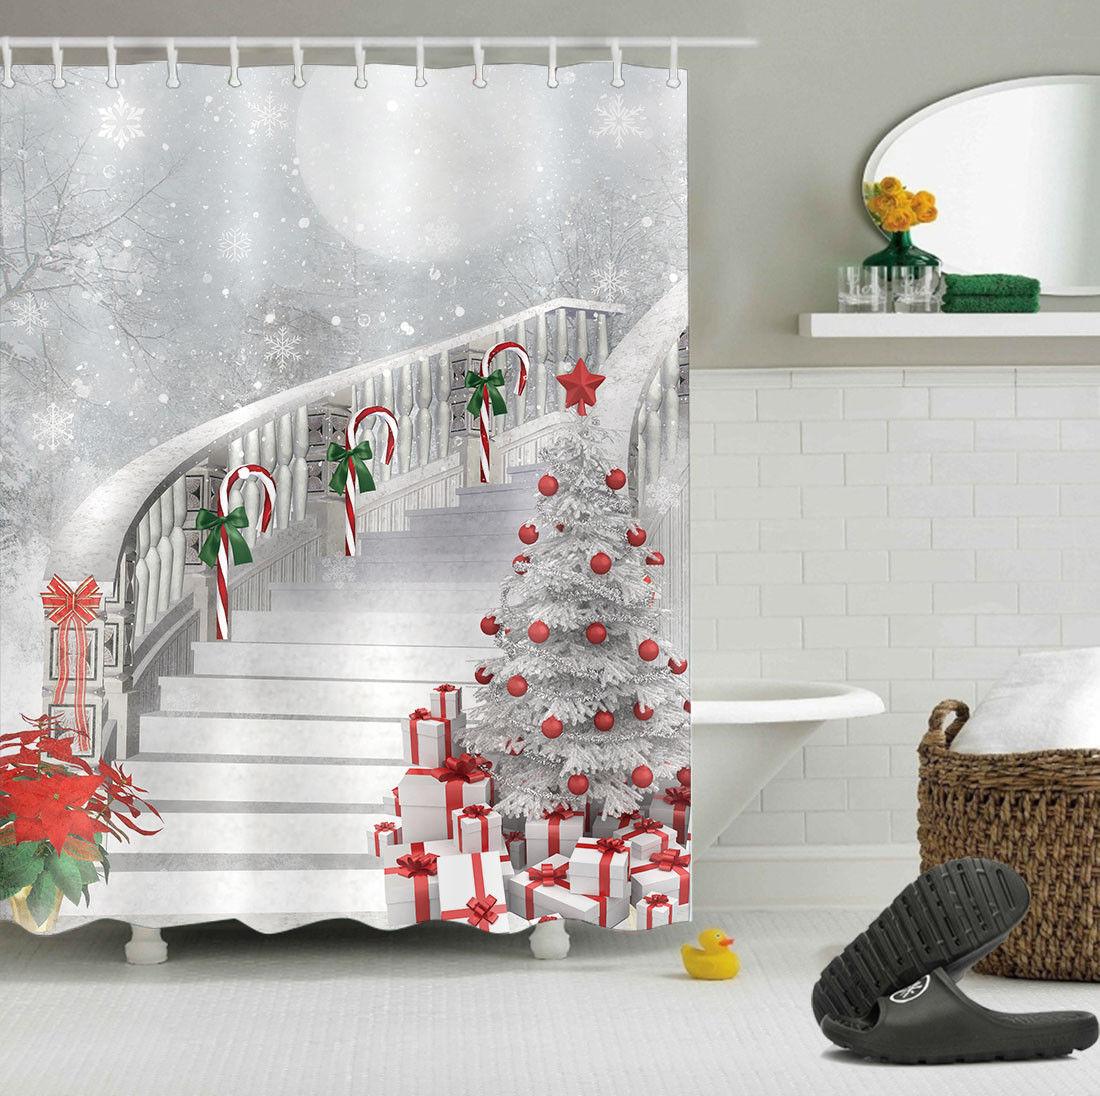 Christmas Shower Curtain.Christmas Shower Curtain Stair Stairs Snow